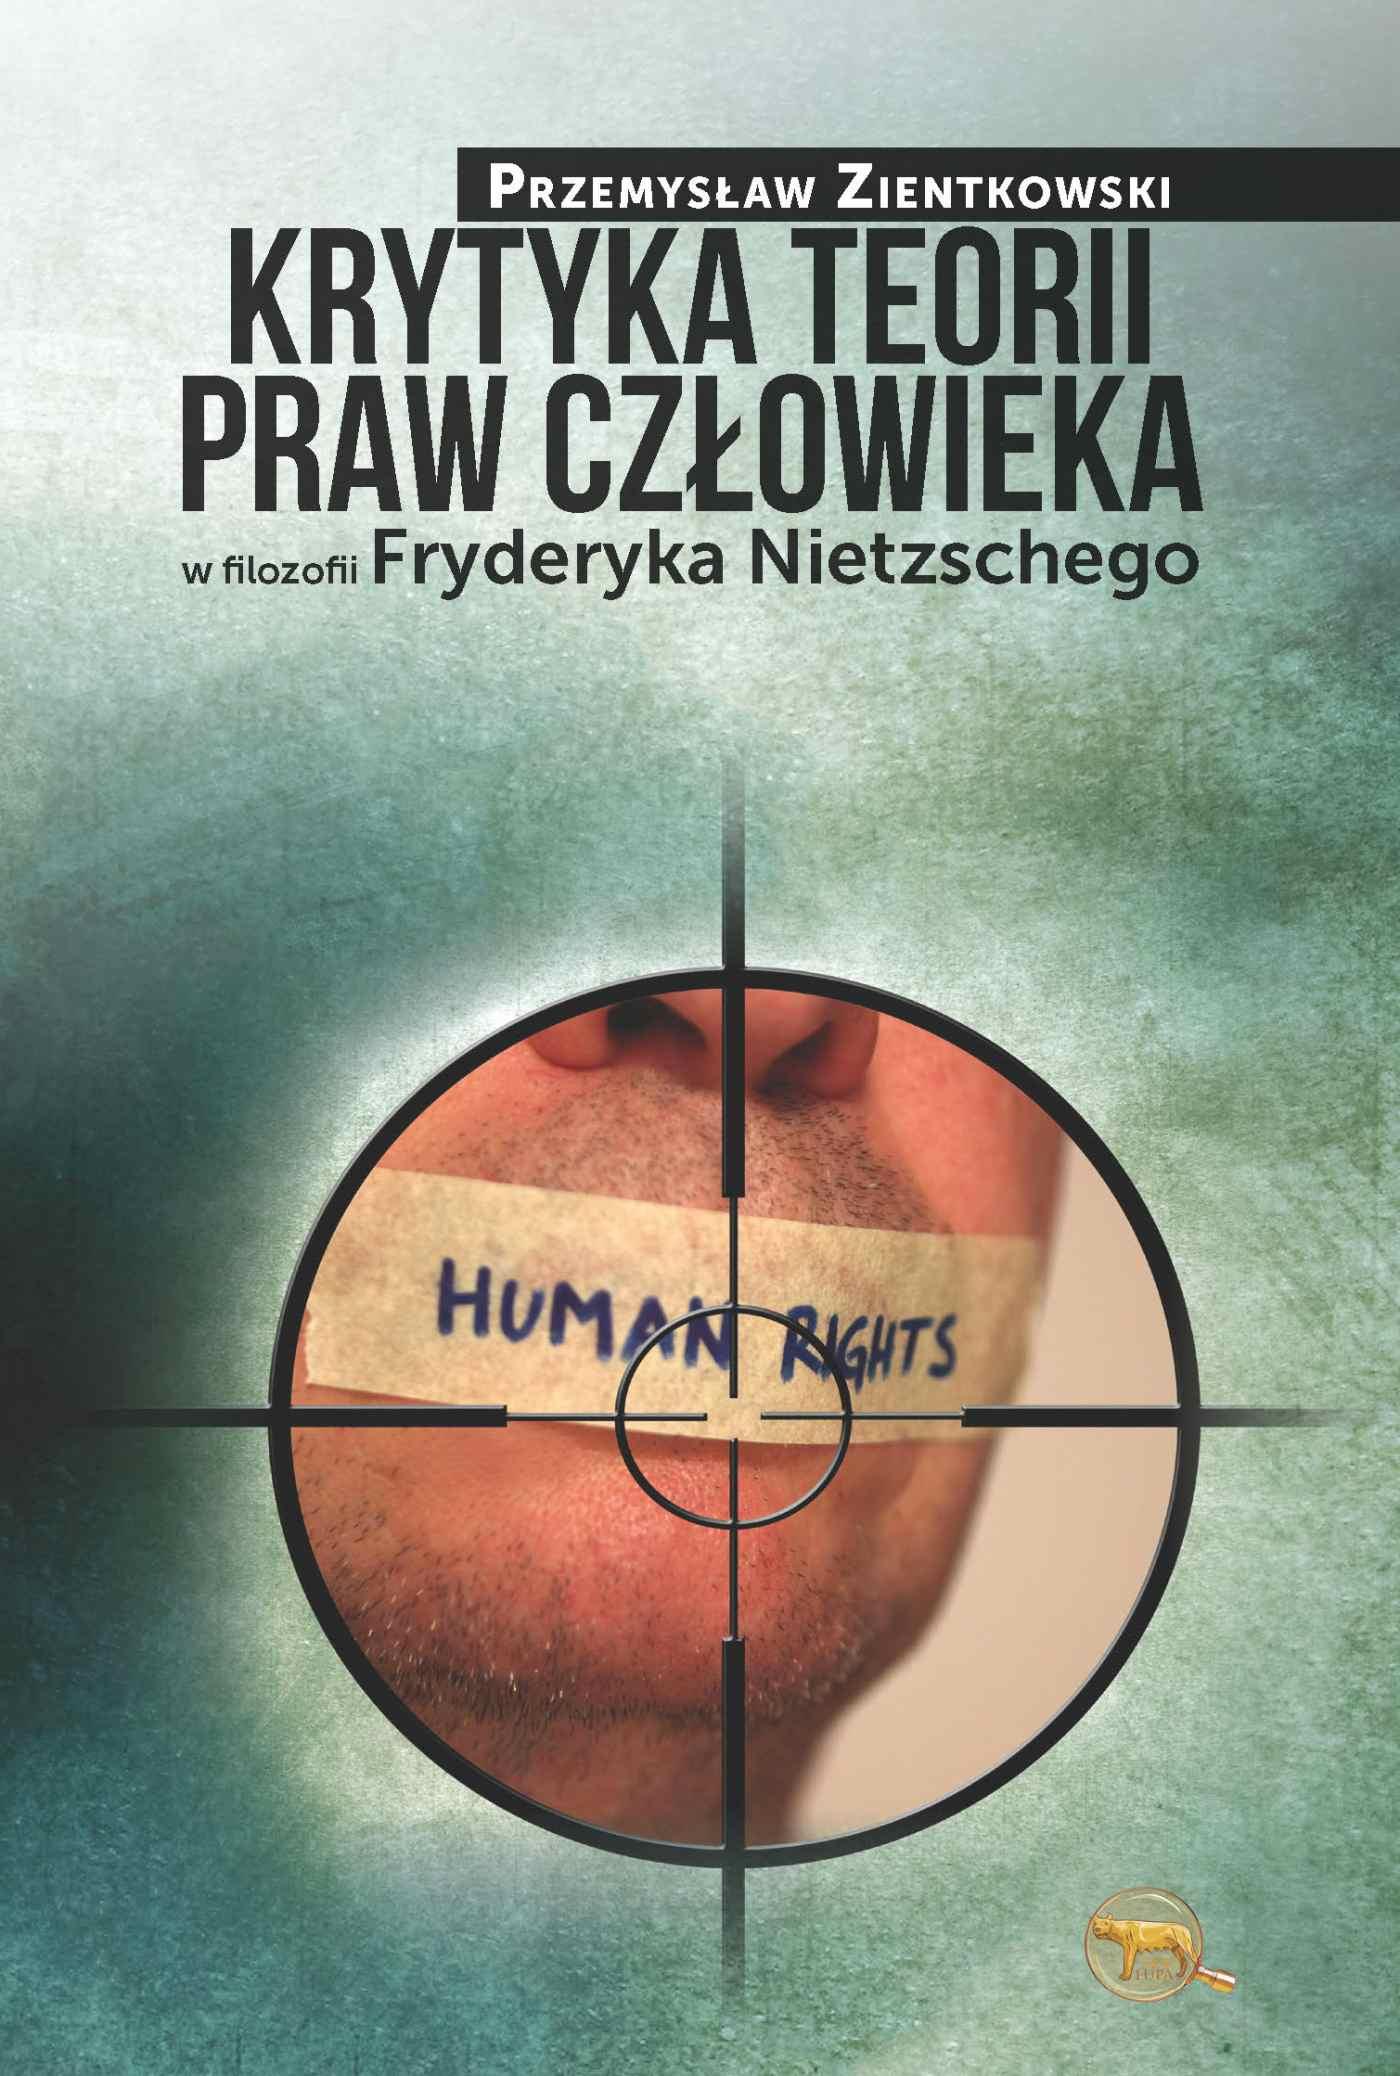 Krytyka teorii praw człowieka w filozofii Fryderyka Nietzschego - Ebook (Książka EPUB) do pobrania w formacie EPUB